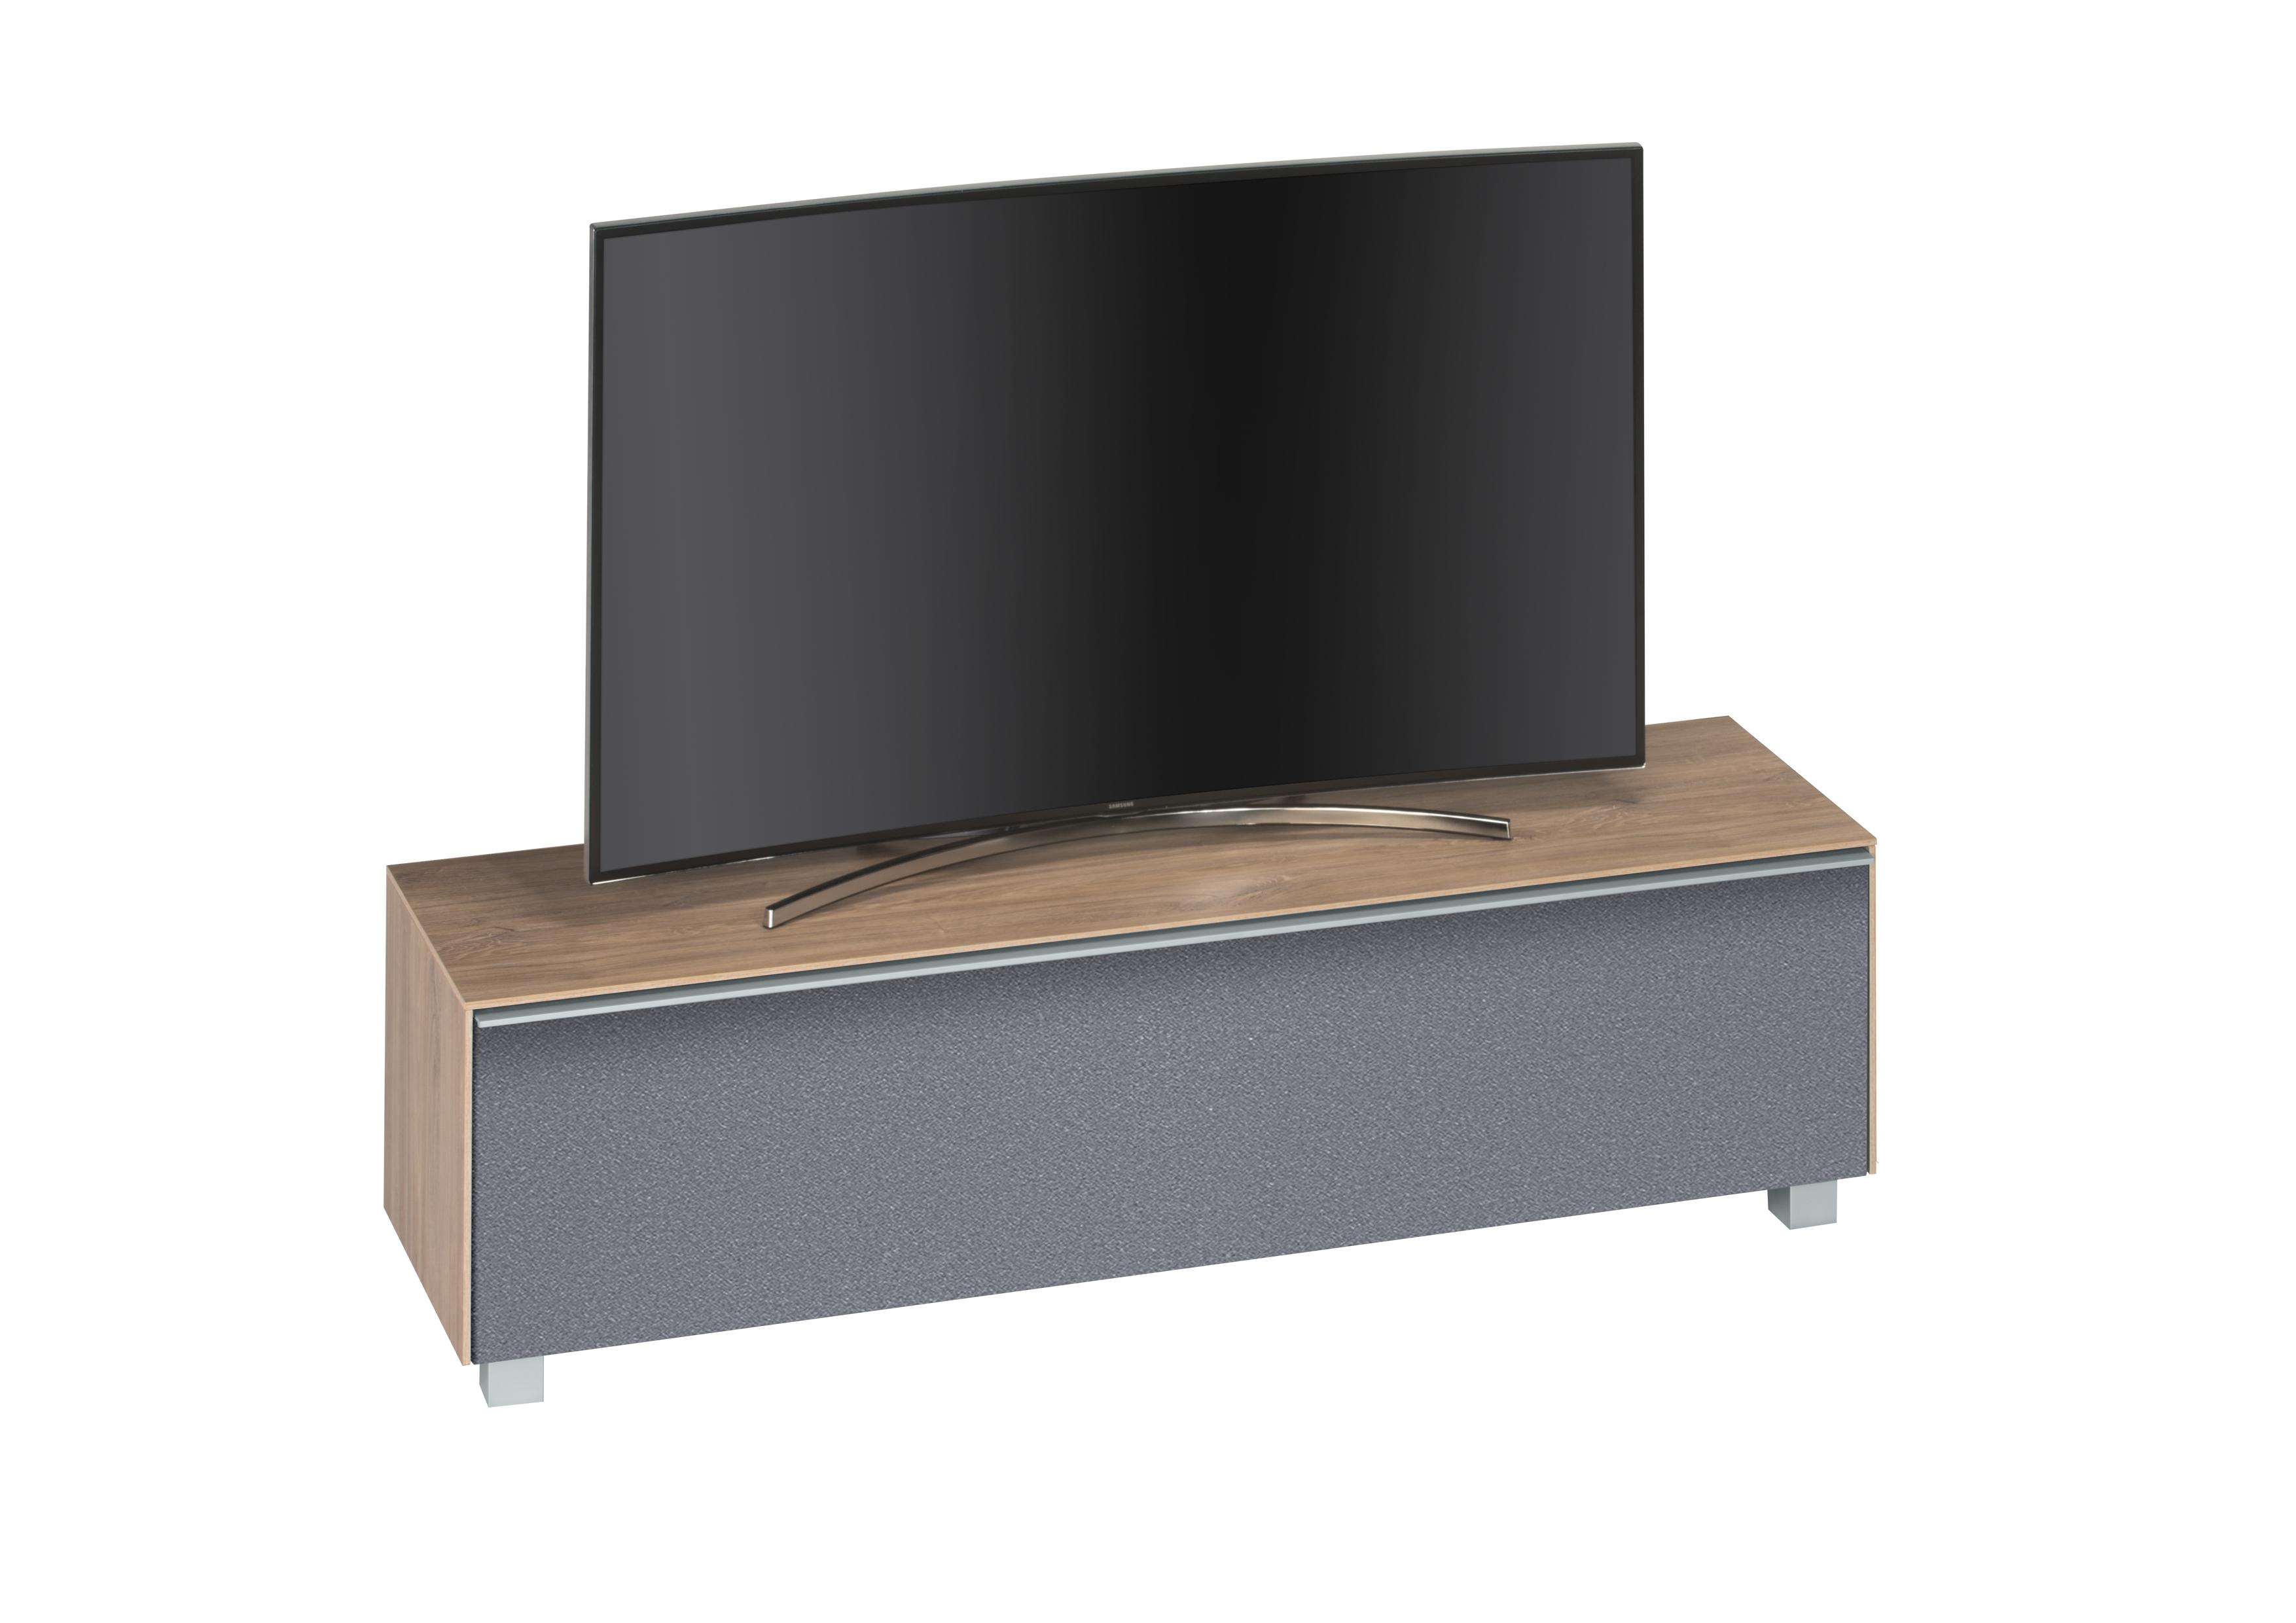 soundboard mehr als 100 angebote fotos preise. Black Bedroom Furniture Sets. Home Design Ideas